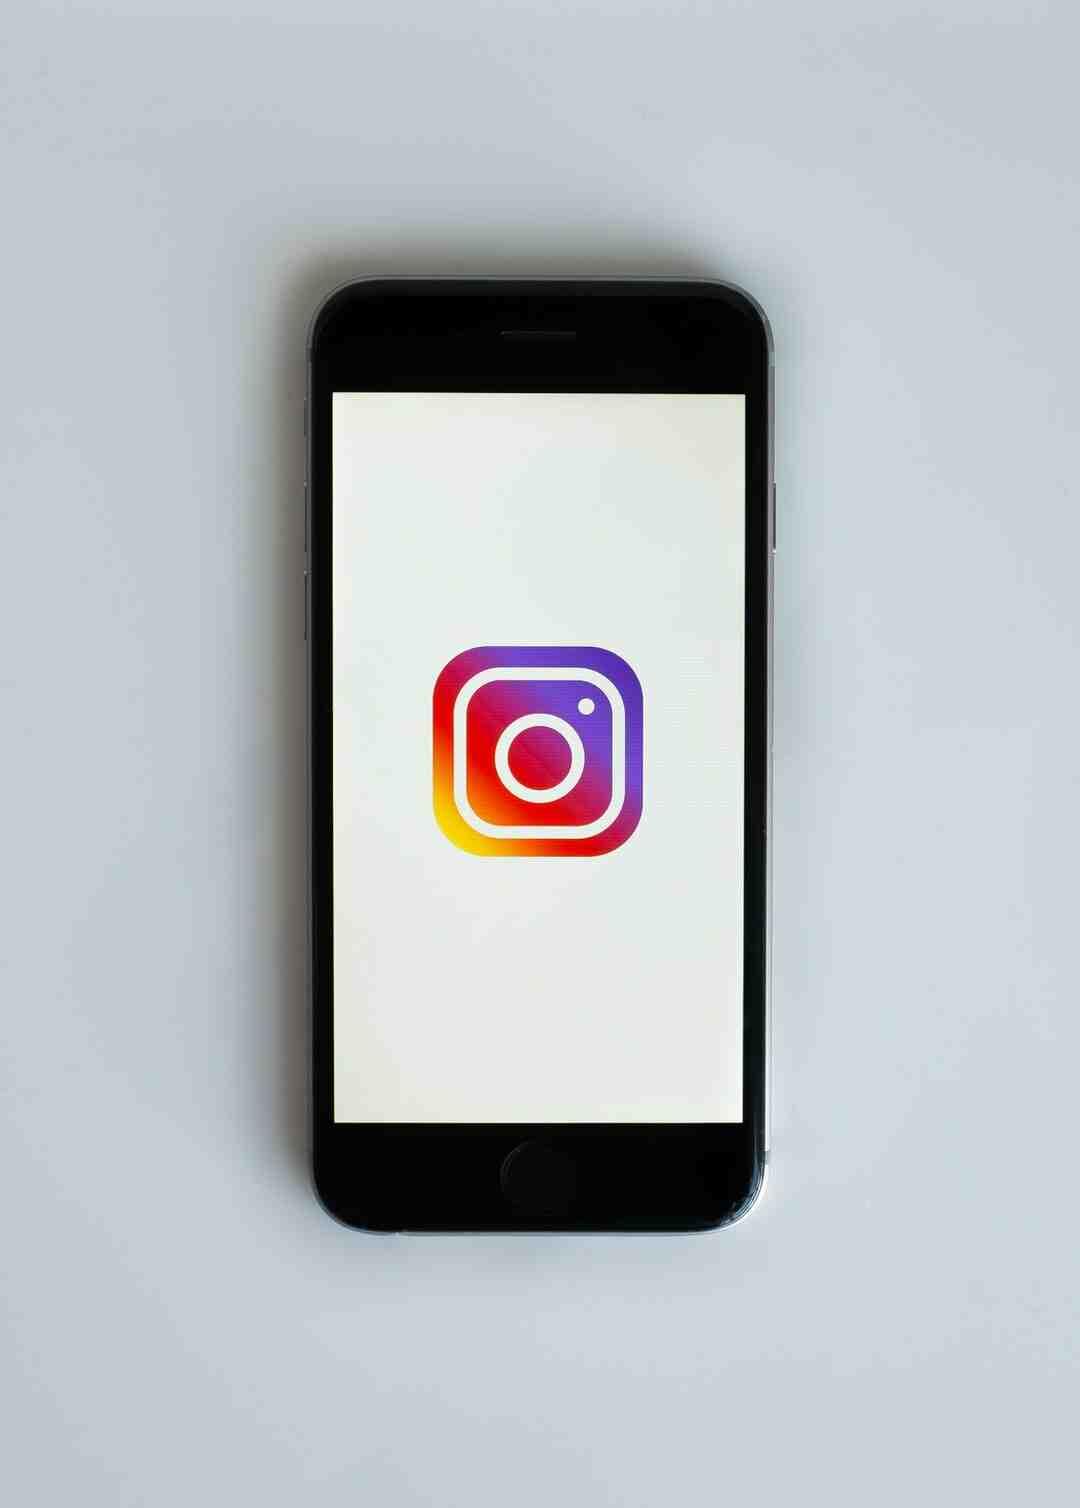 Comment avoir Instagram sans compte ?